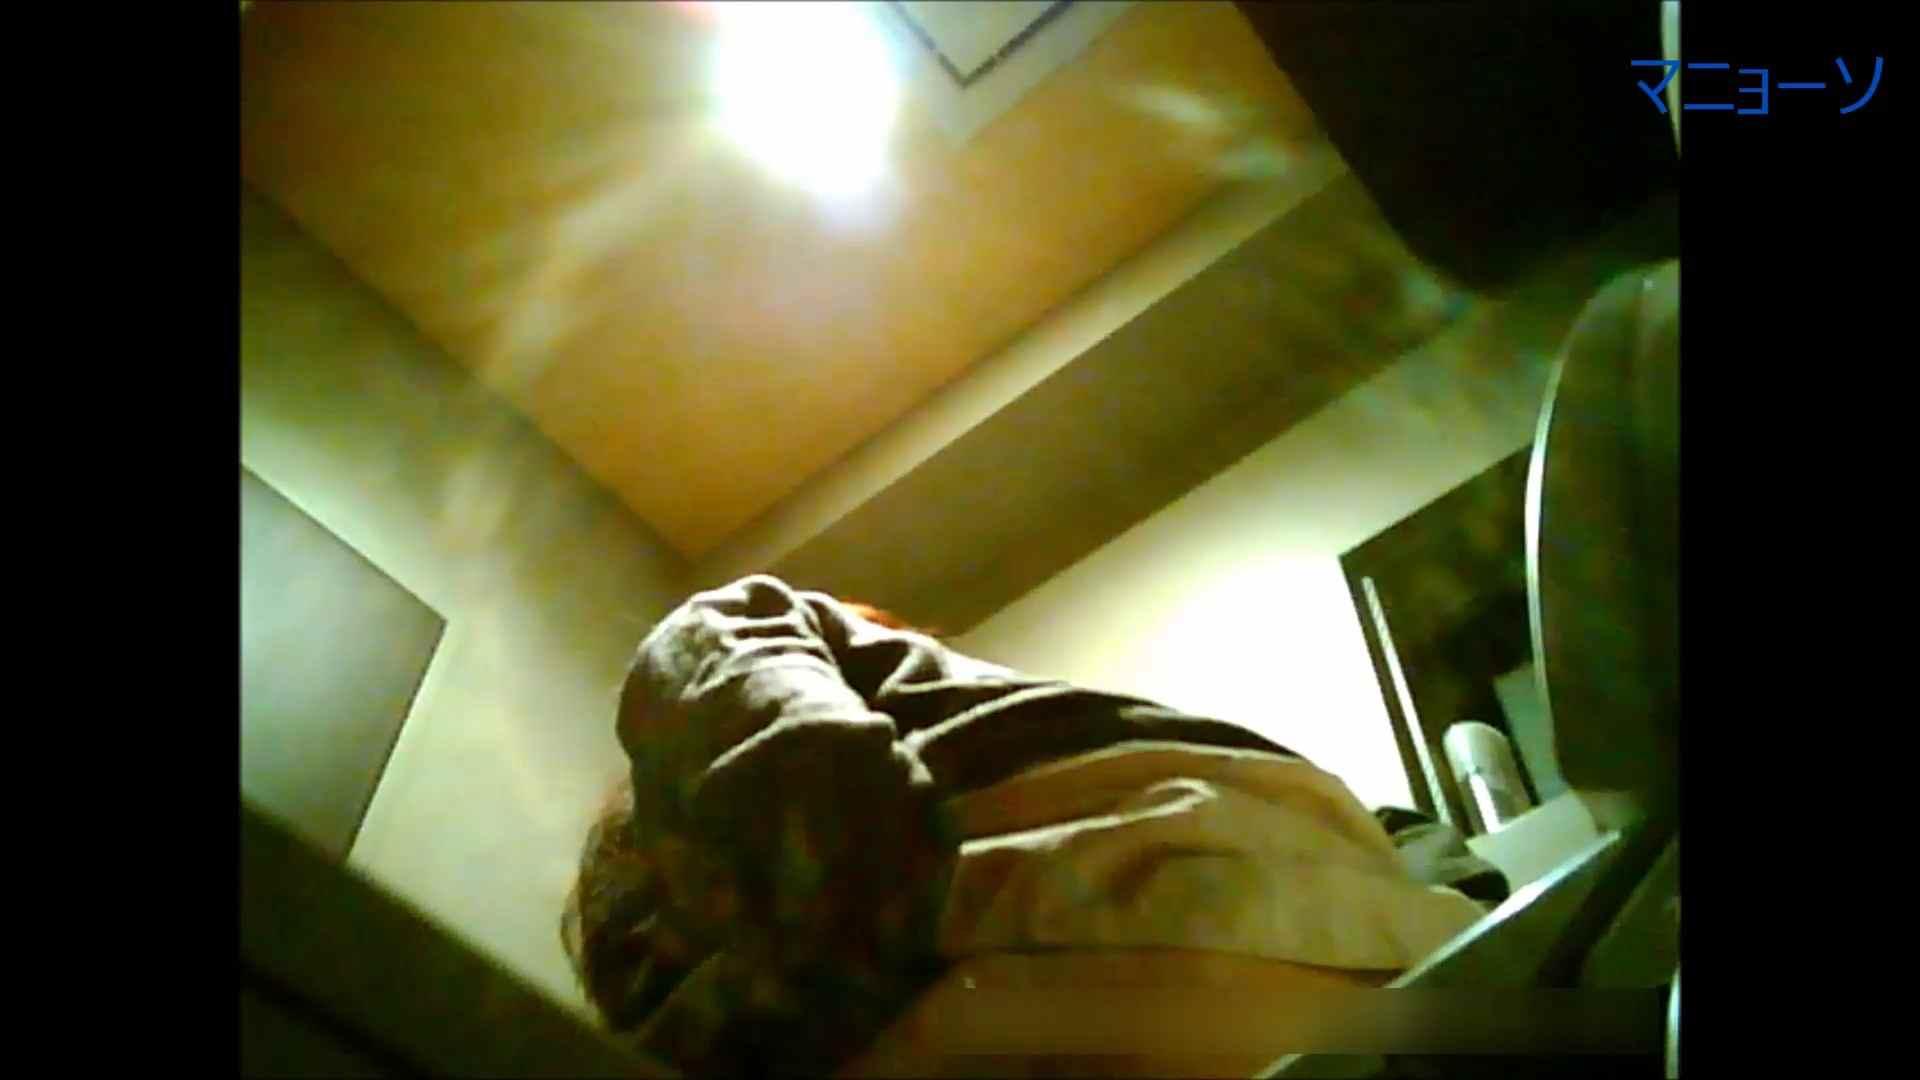 トイレでひと肌脱いでもらいました (JD編)Vol.01 トイレ  53pic 38